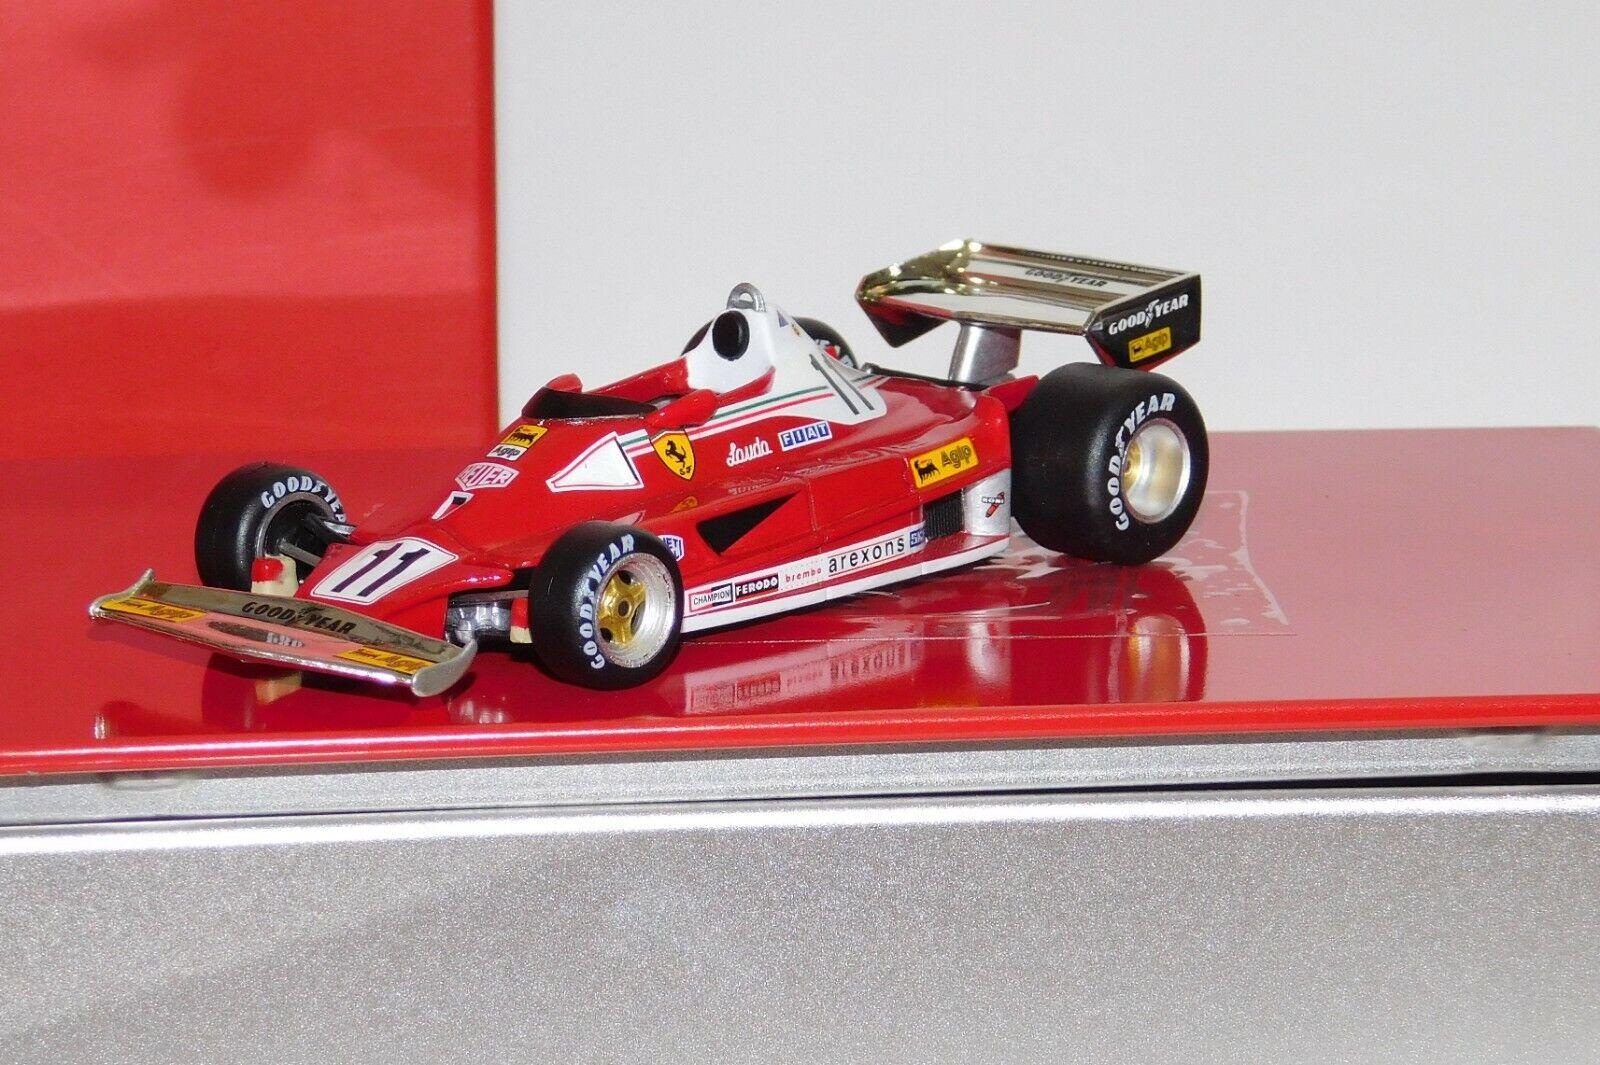 Ferrari 312 T2  11 N. Lauda ganador alemán Grand Prix 1977 la storia IXO SF19 77 1 43